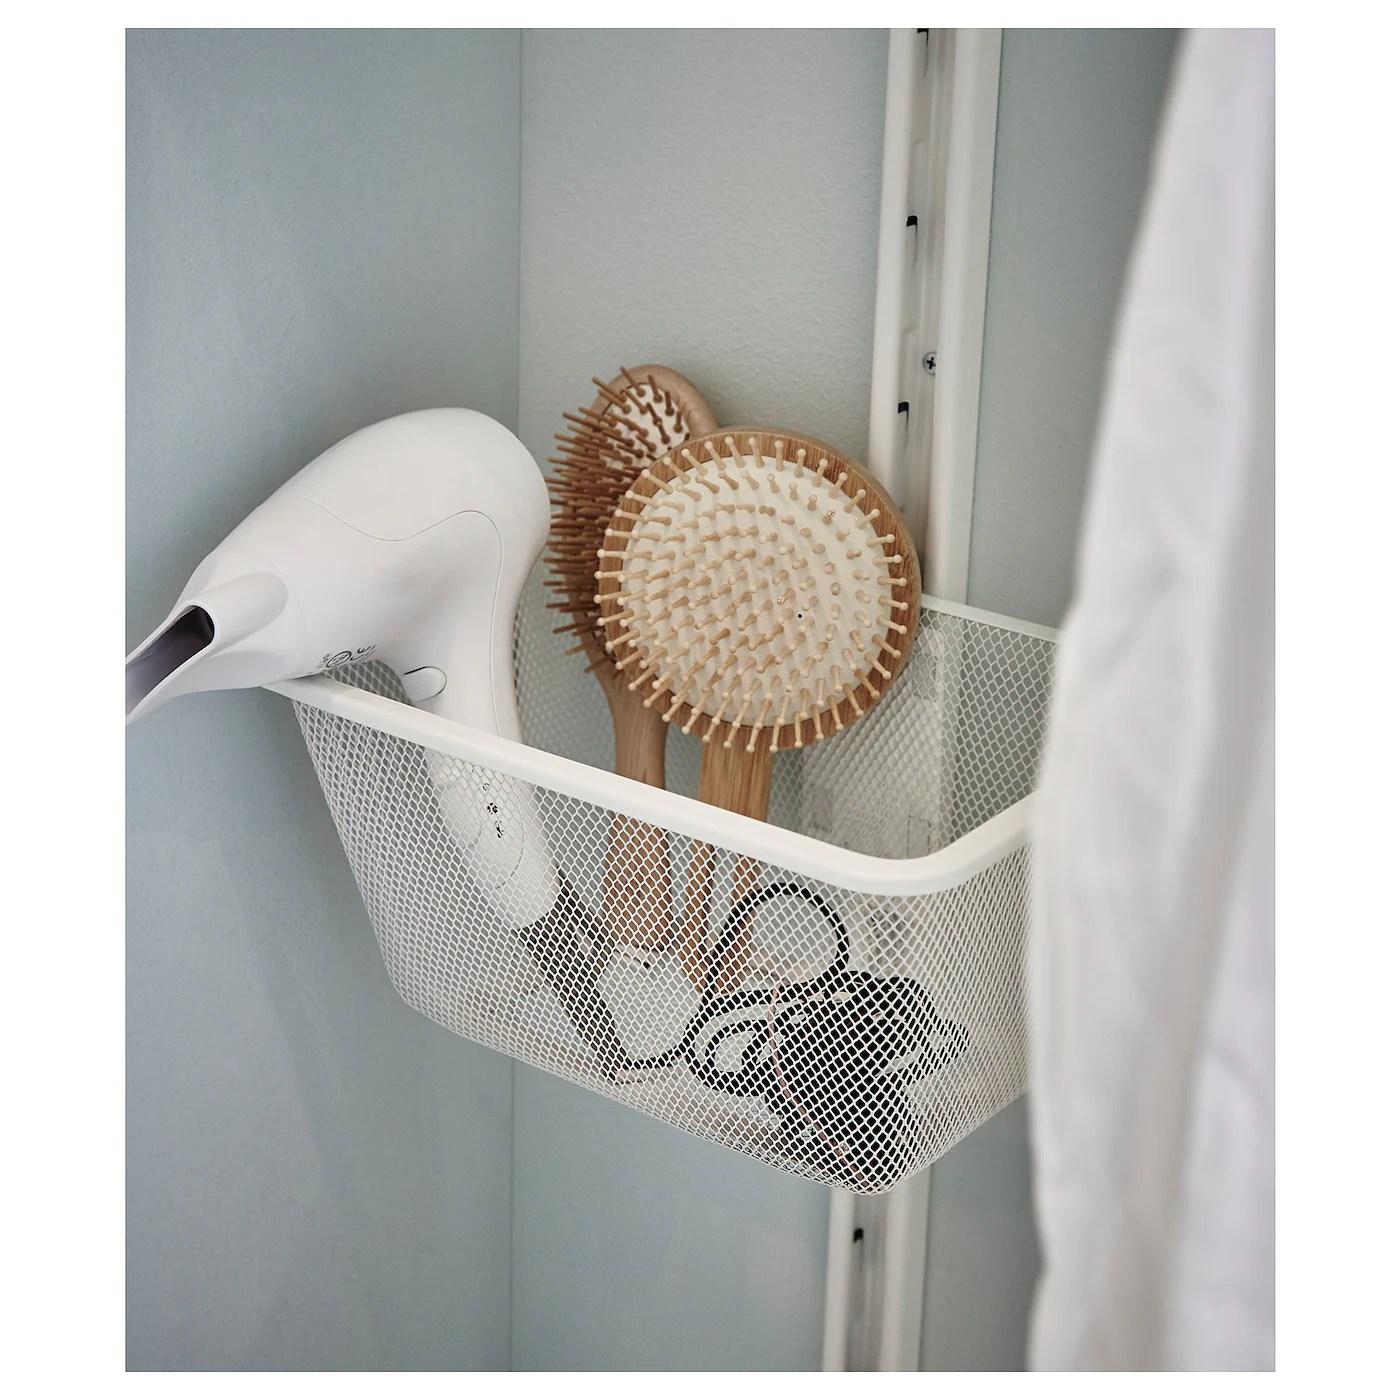 ALGOT Mesh Basket With Bracket White 30 X 22 X 15 Cm IKEA